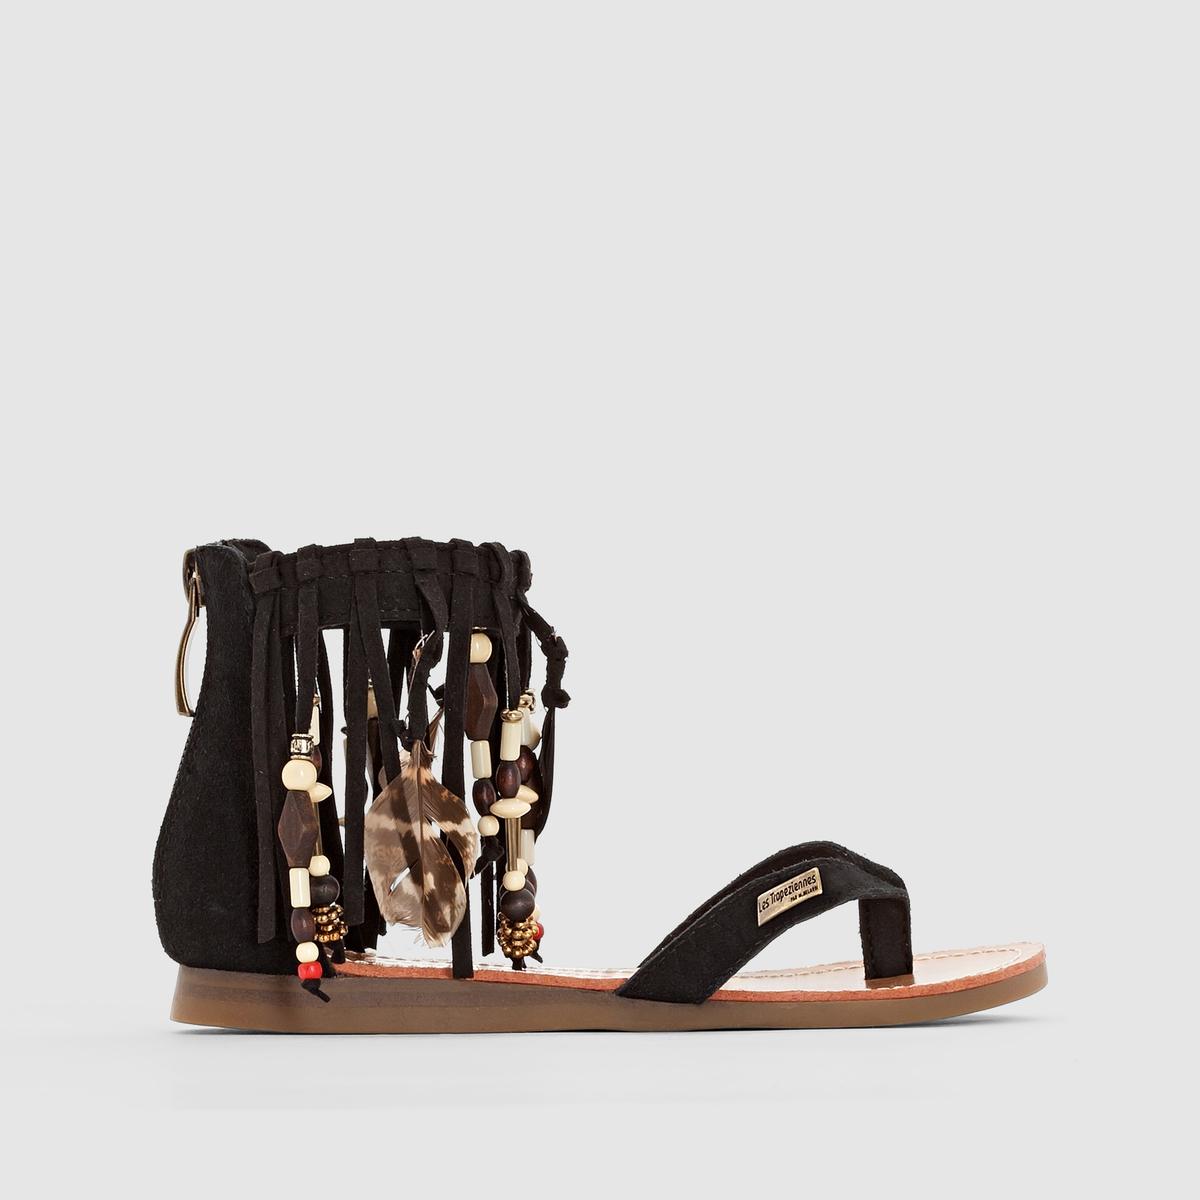 Сандалии кожаные LES TROPEZIENNES, GopakПреимущества:   : сандалии LES TROPEZIENNES  с перемычкой в стиле вьетнамок и каблуком на молнии используют все возможности, чтобы покорить вас в этом сезоне  .<br><br>Цвет: черный